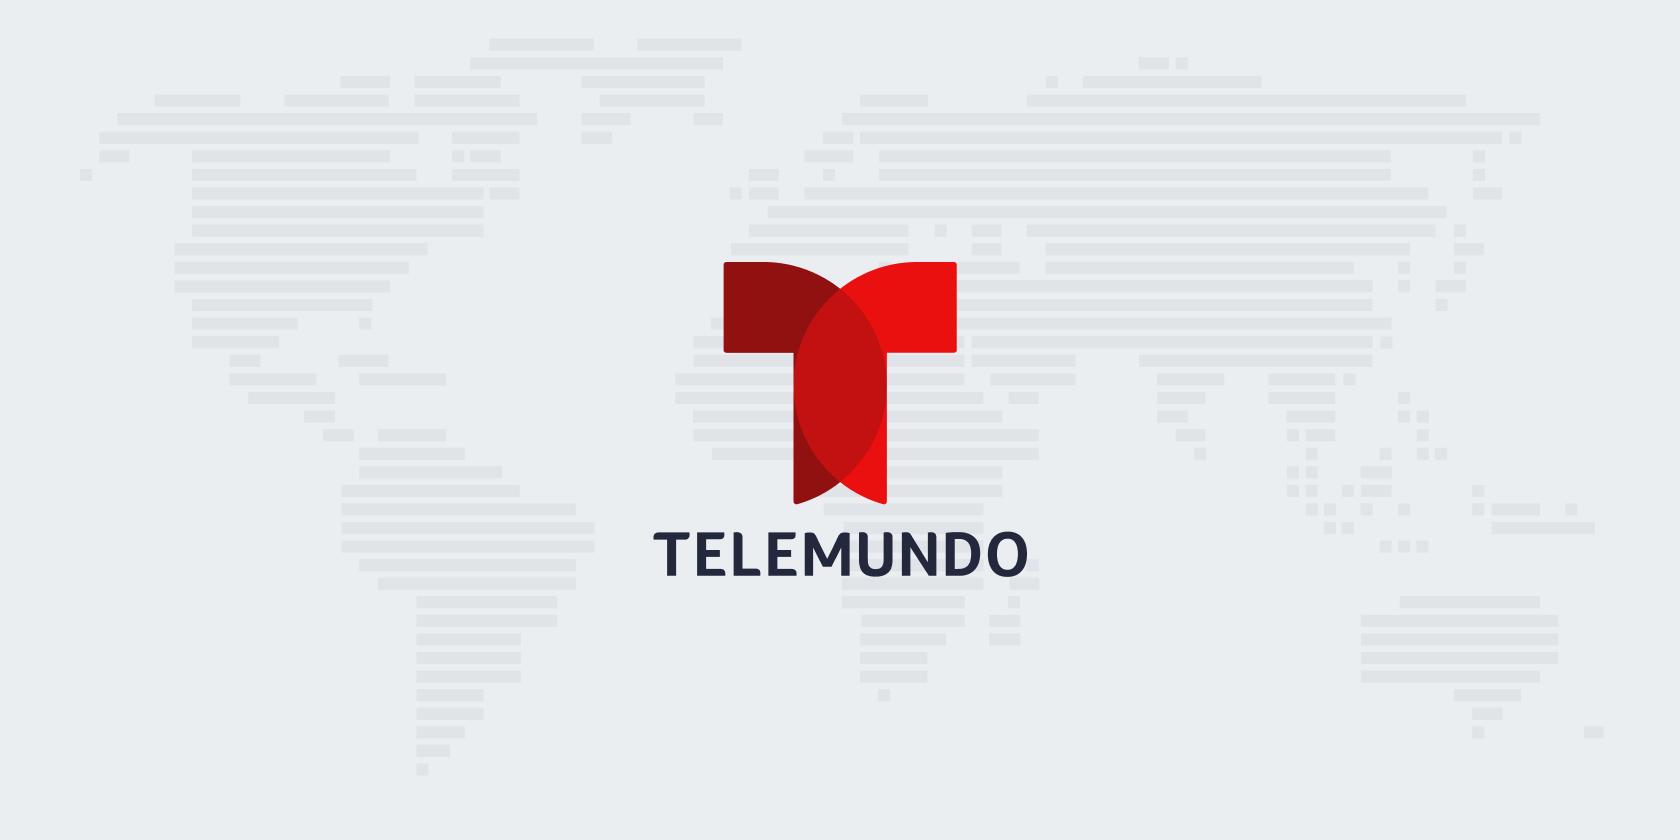 www.telemundo.com